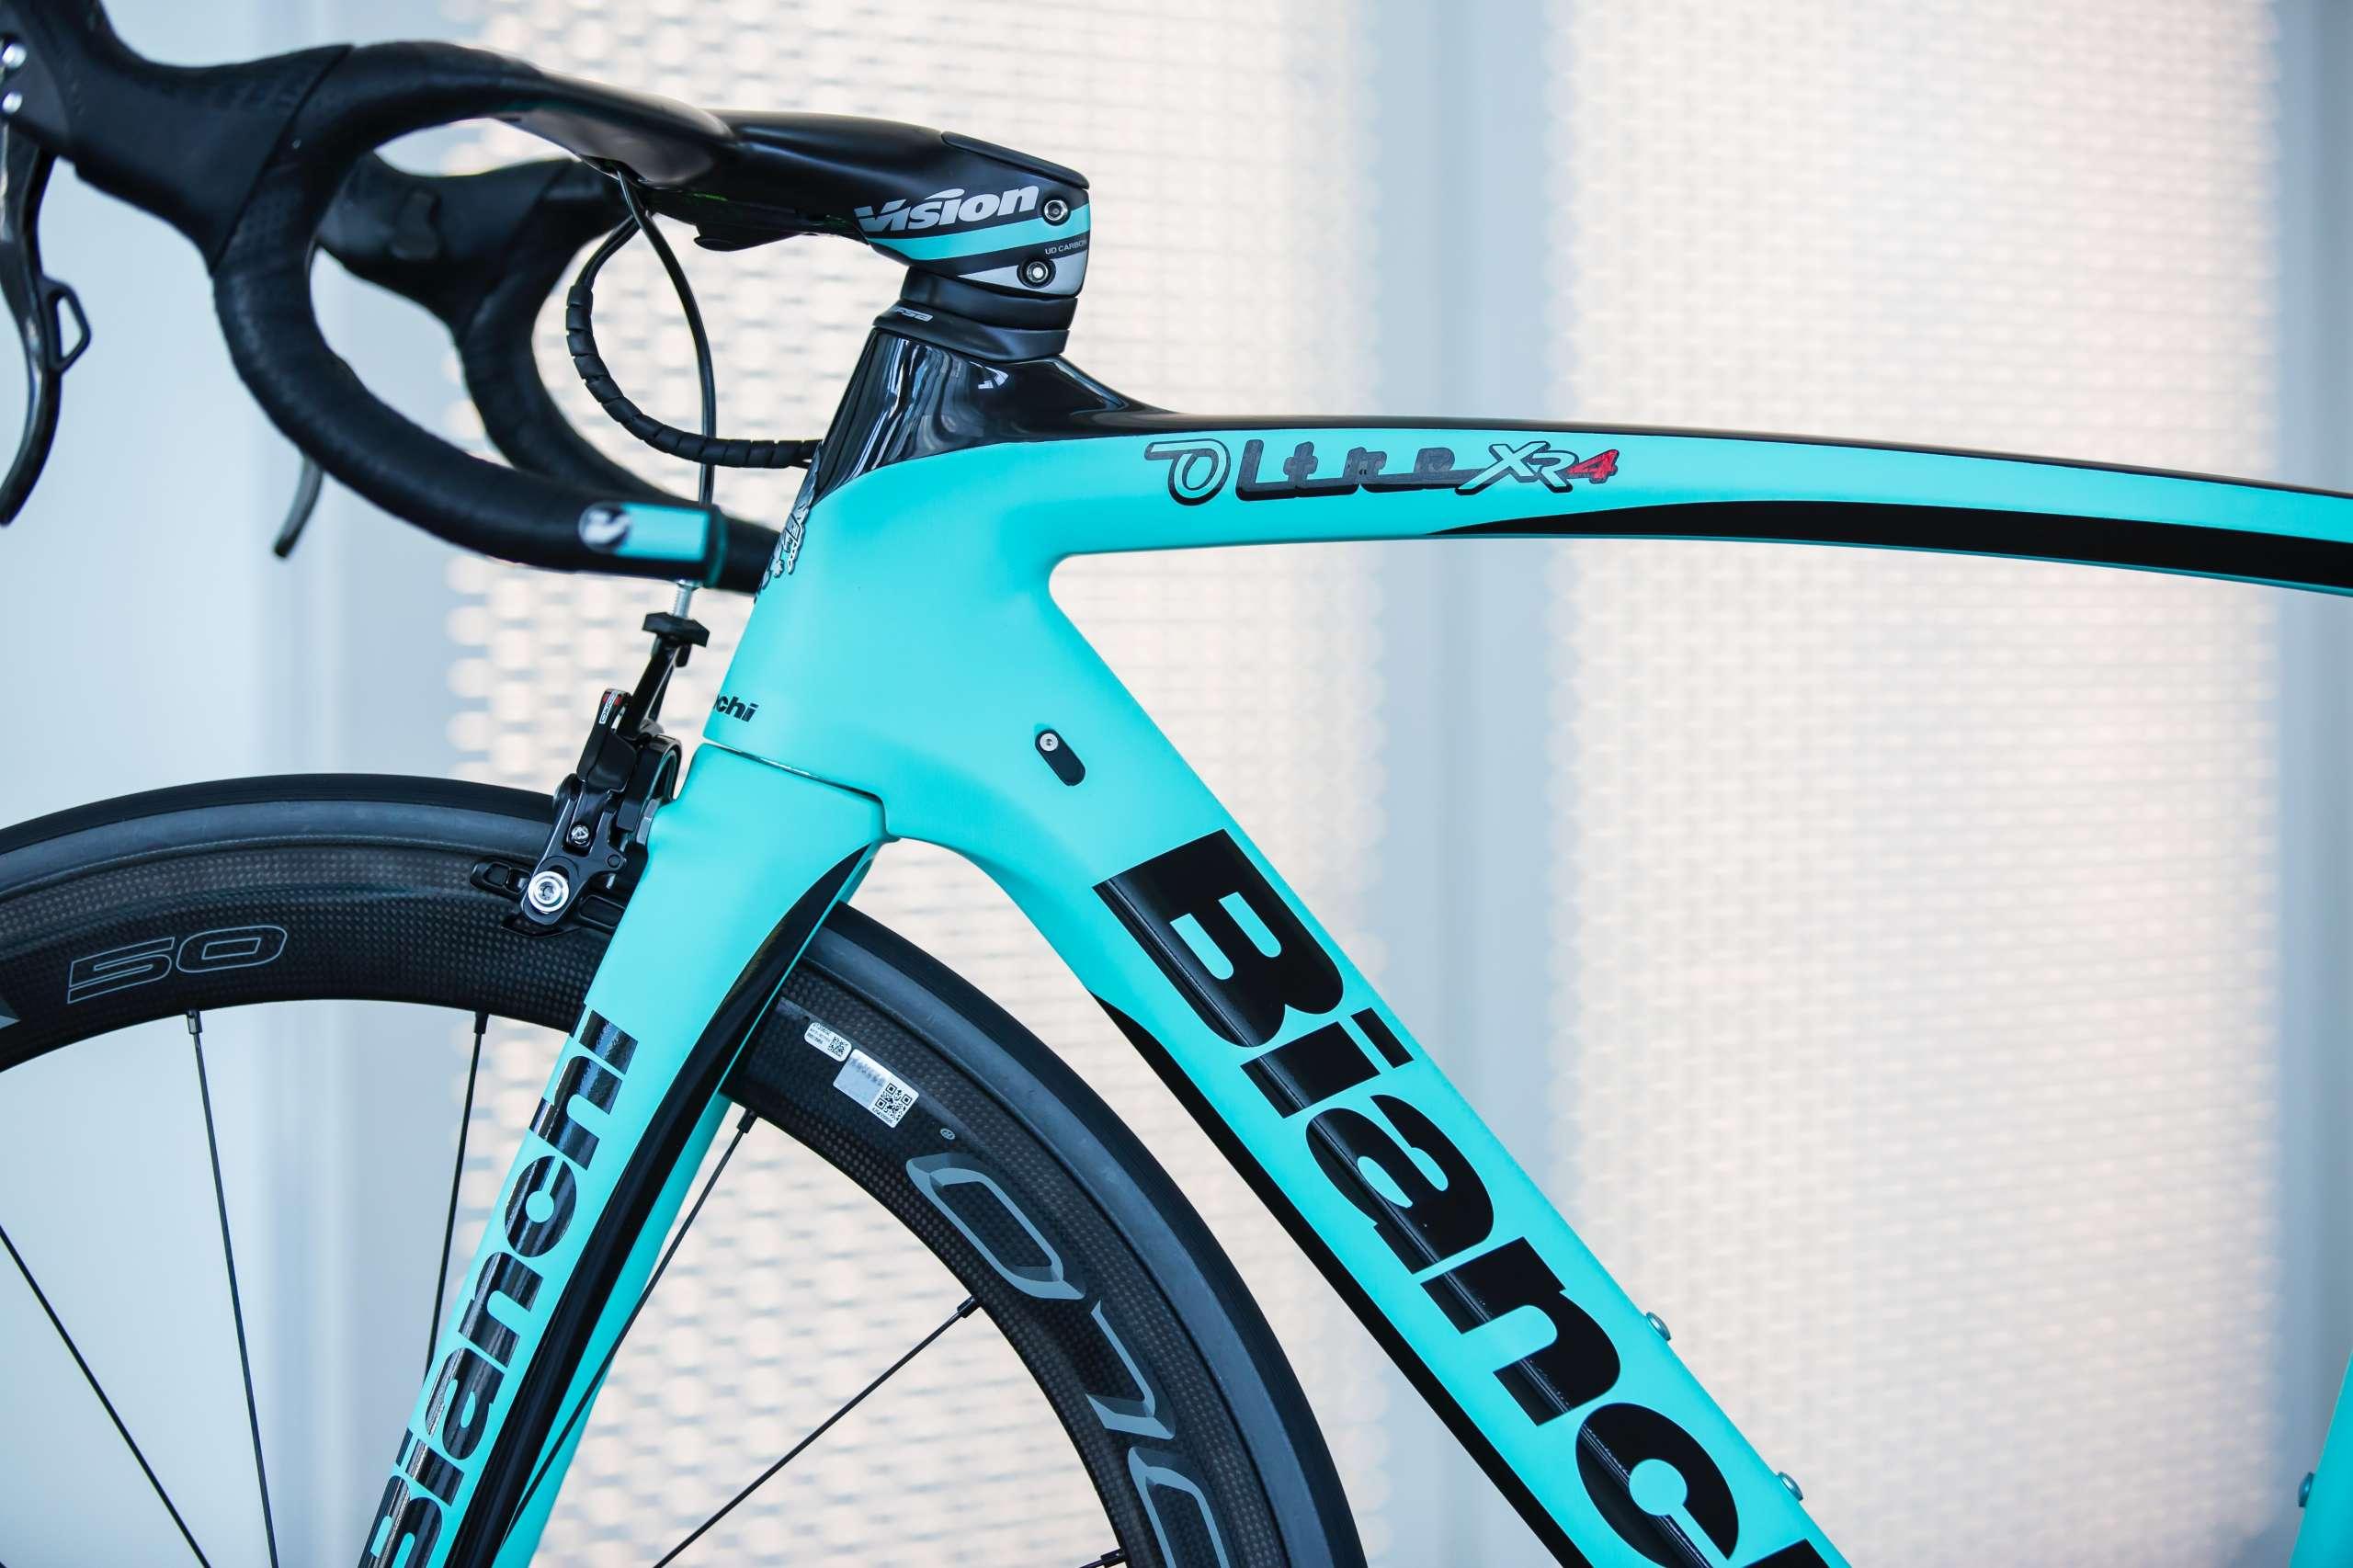 Der Rahmen des BIANCHI OLTRE XR4 / Bildquelle: Bianchi Bilddatenbank